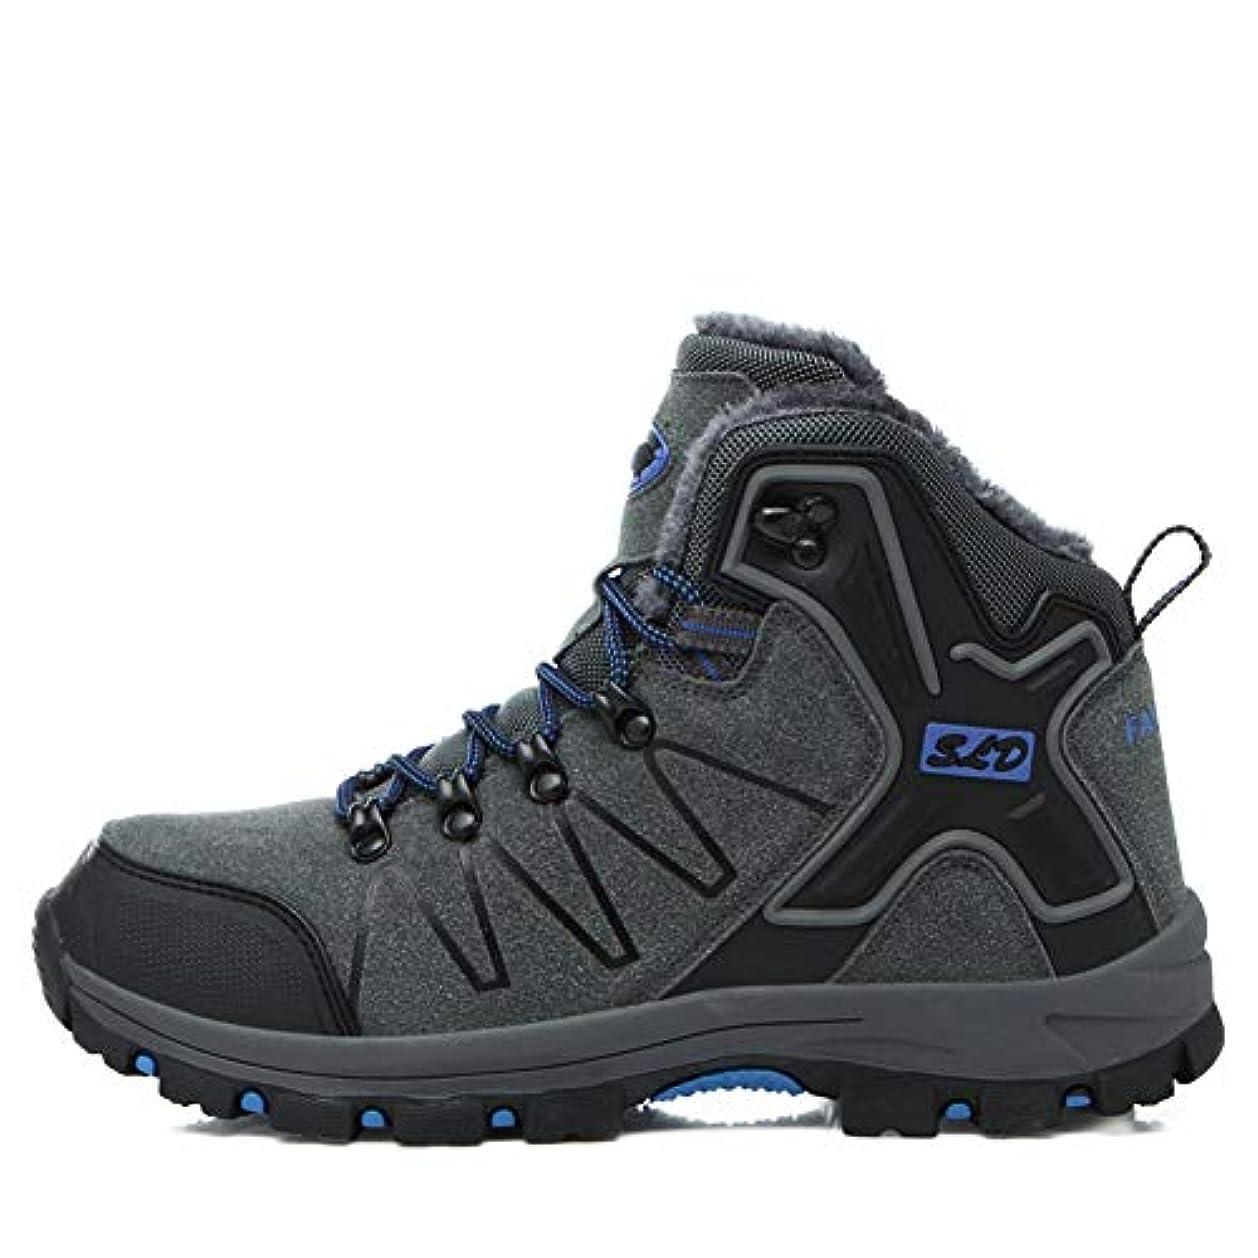 一過性ドナウ川データム[TcIFE] トレッキングシューズ メンズ 防水 防滑 ハイカット 登山靴 大きいサイズ ハイキングシューズ メンズ 耐磨耗 ハイキングシューズ メンズ 通気性 スニーカー